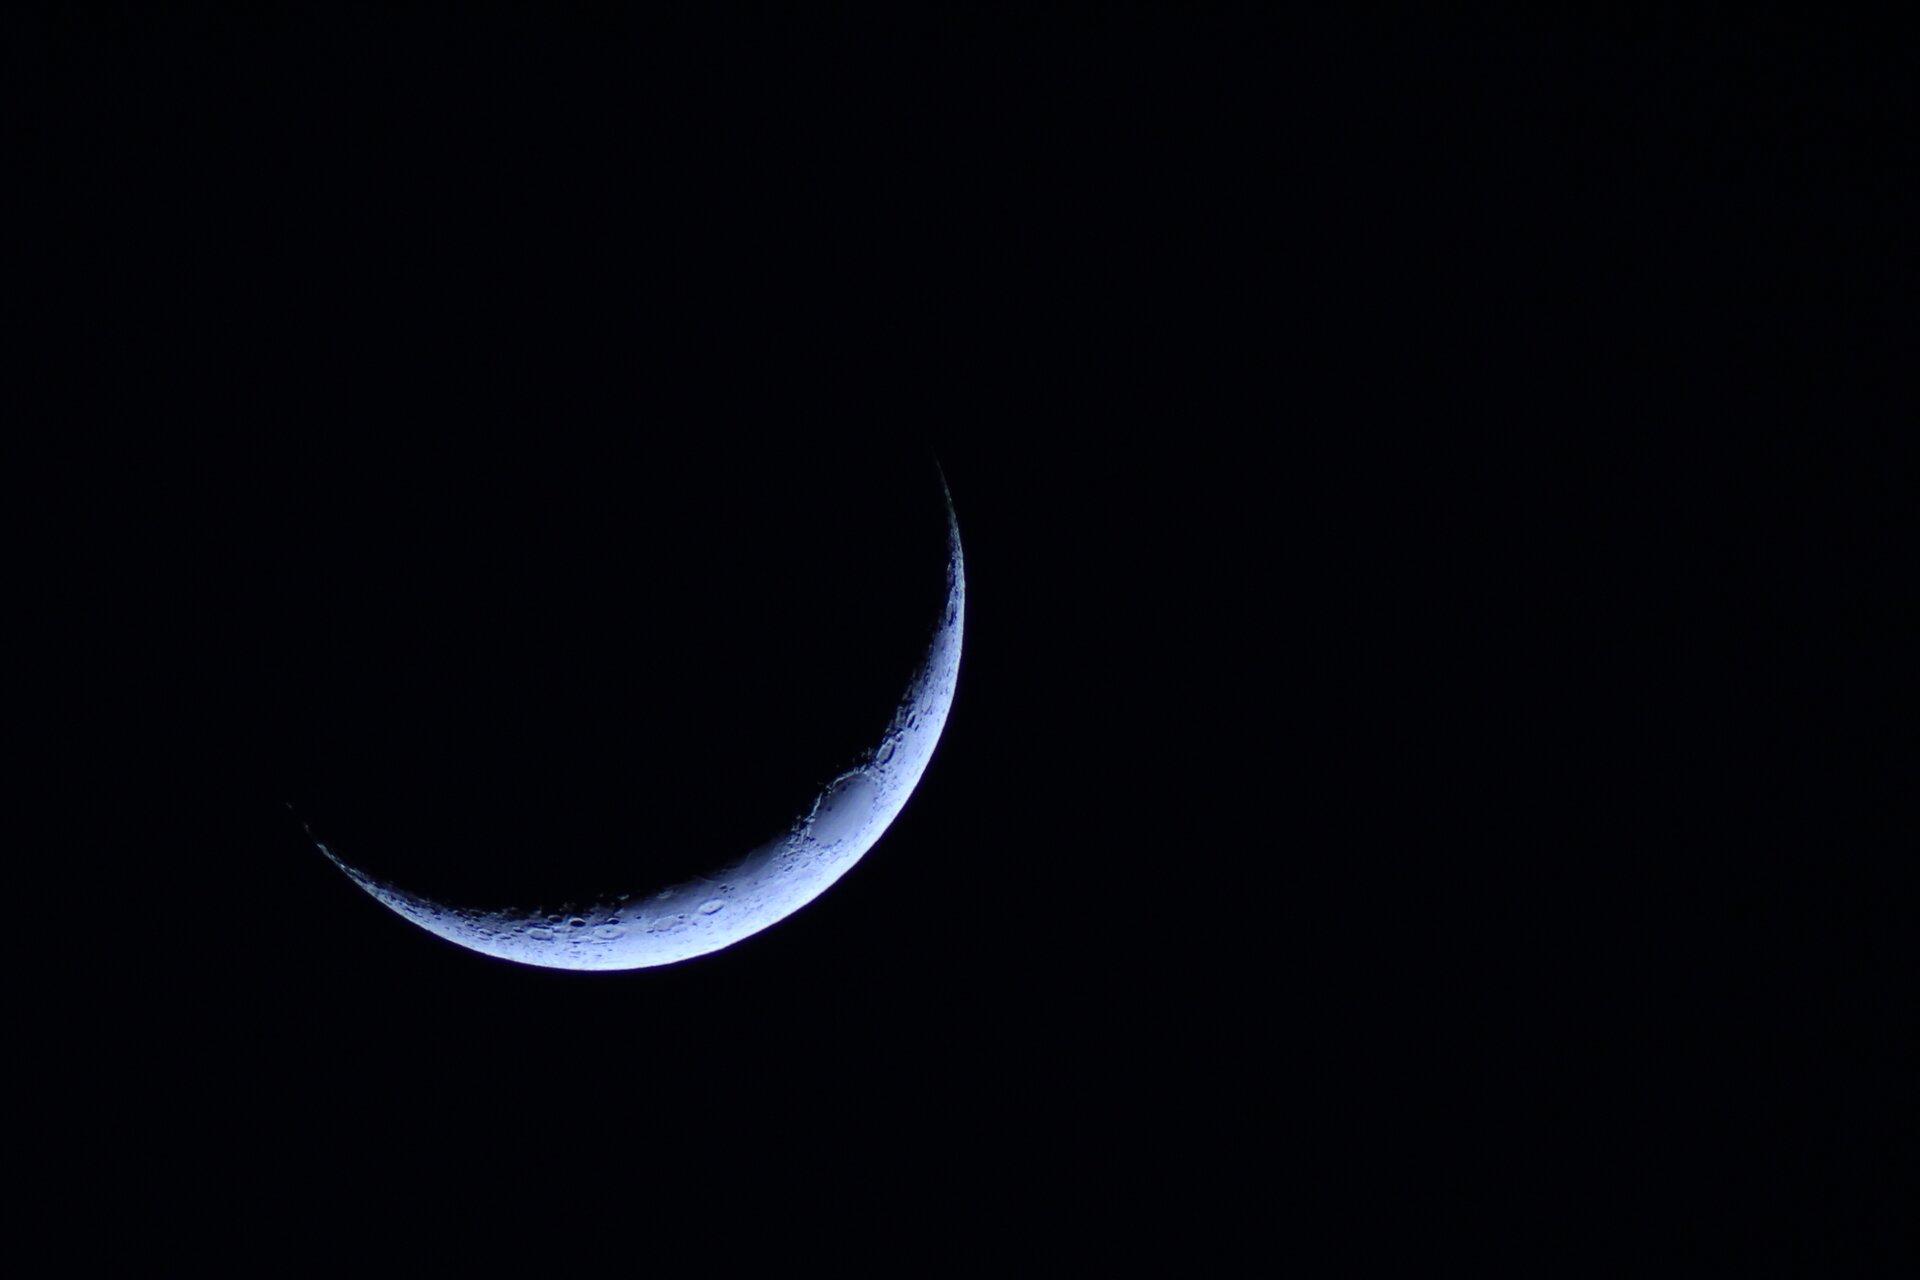 """Ilustracja przedstawia księżyc. Tło czarne. Księżyc srebrno-szary. Księżyc widoczny jako cienki """"rogalik""""."""